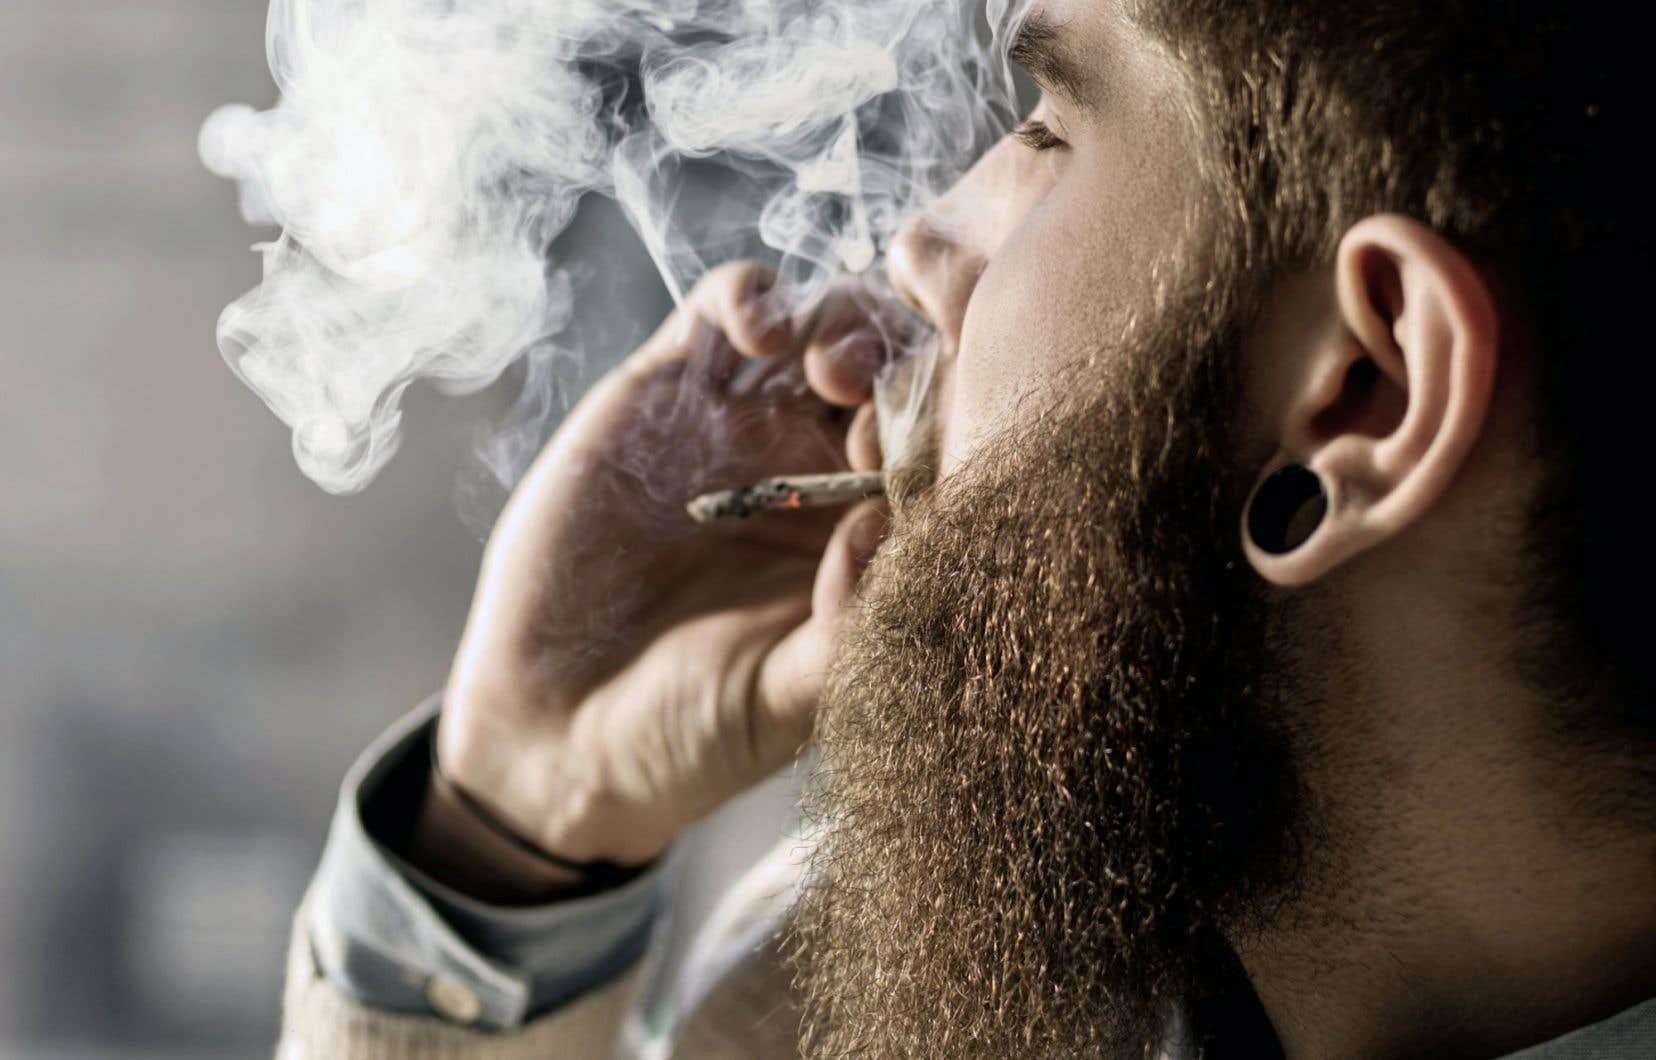 Les statistiques de 2013 révèlent que 11 % de la population âgée de 15 ans et plus ont consommé de la marijuana au cours de l'année précédente.